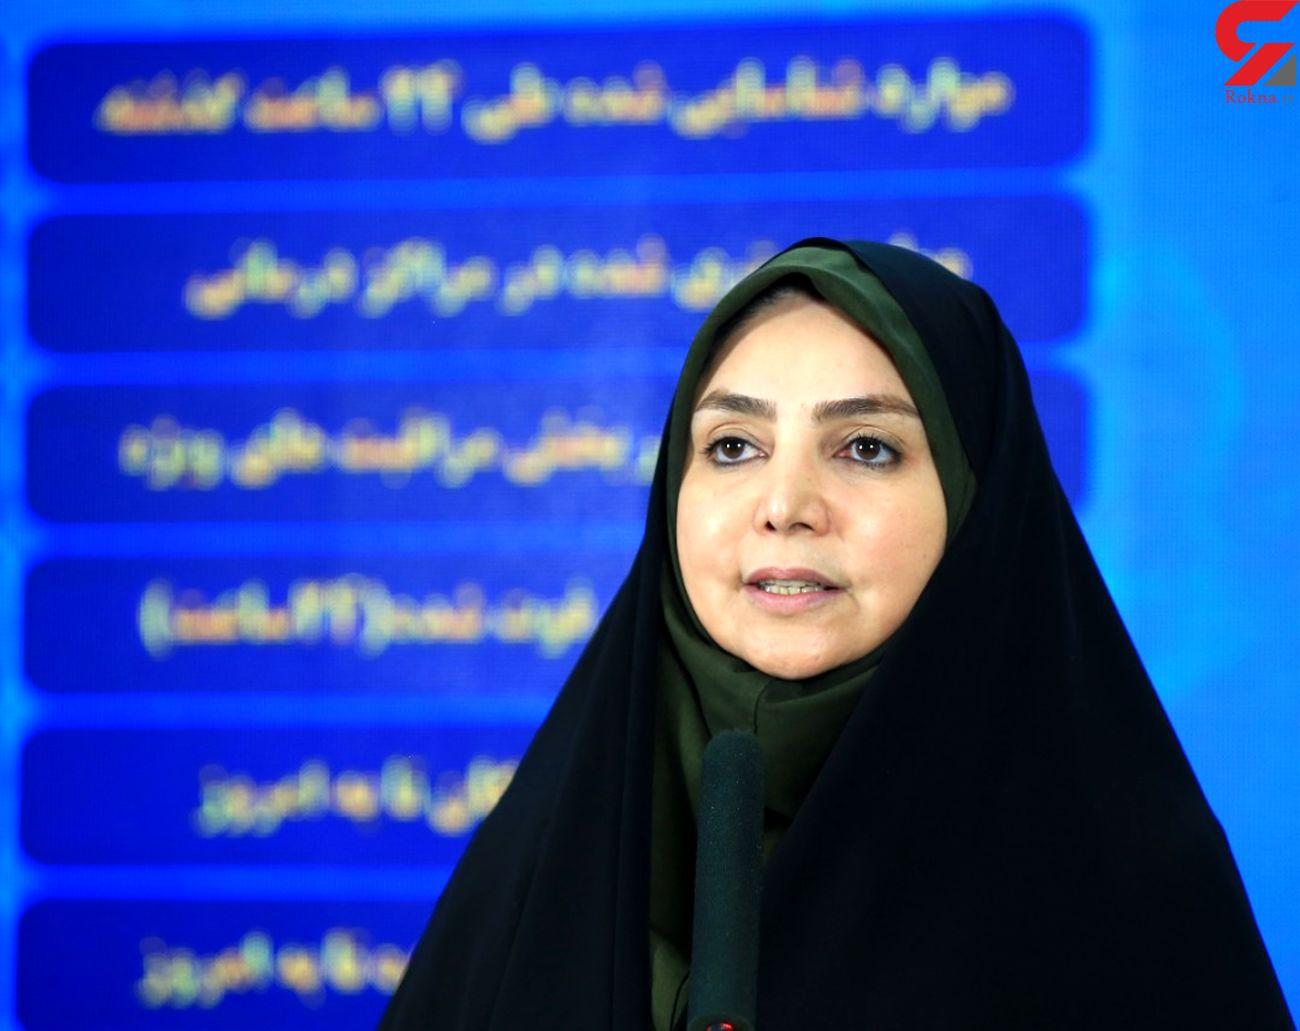 174 مبتلا به کرونا در 24 ساعت گذشته در ایران جانباختند / کاهش مرگ و میرهای کرونا